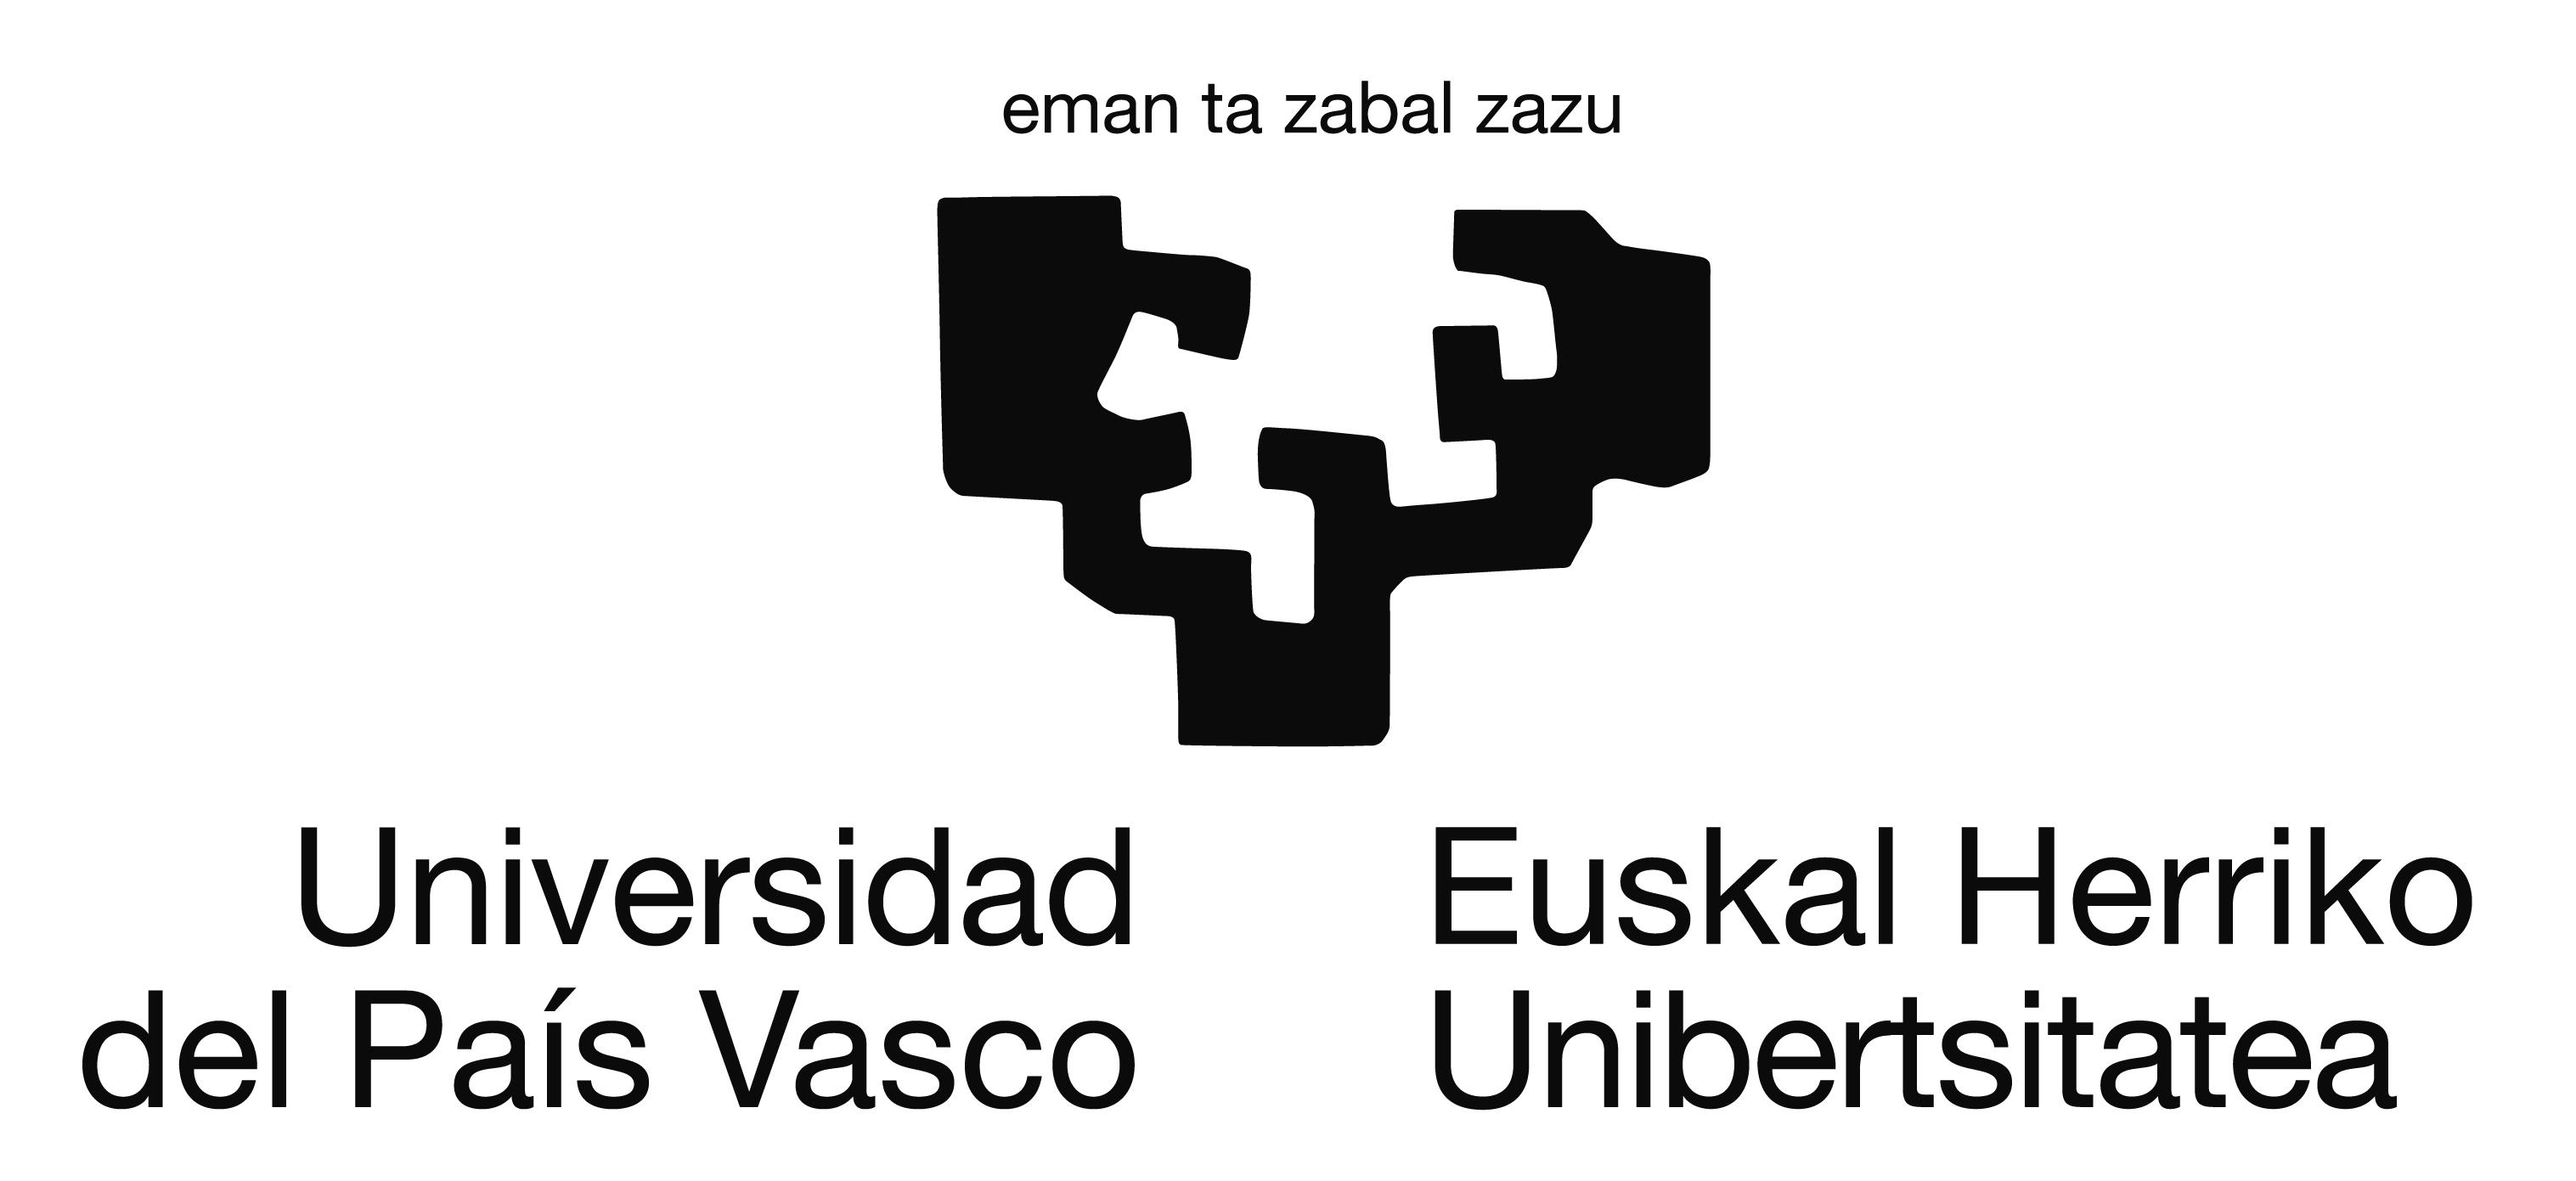 La Universidad del País Vasco / Euskal Herriko Unibertsitatea (UPV/EHU) - España